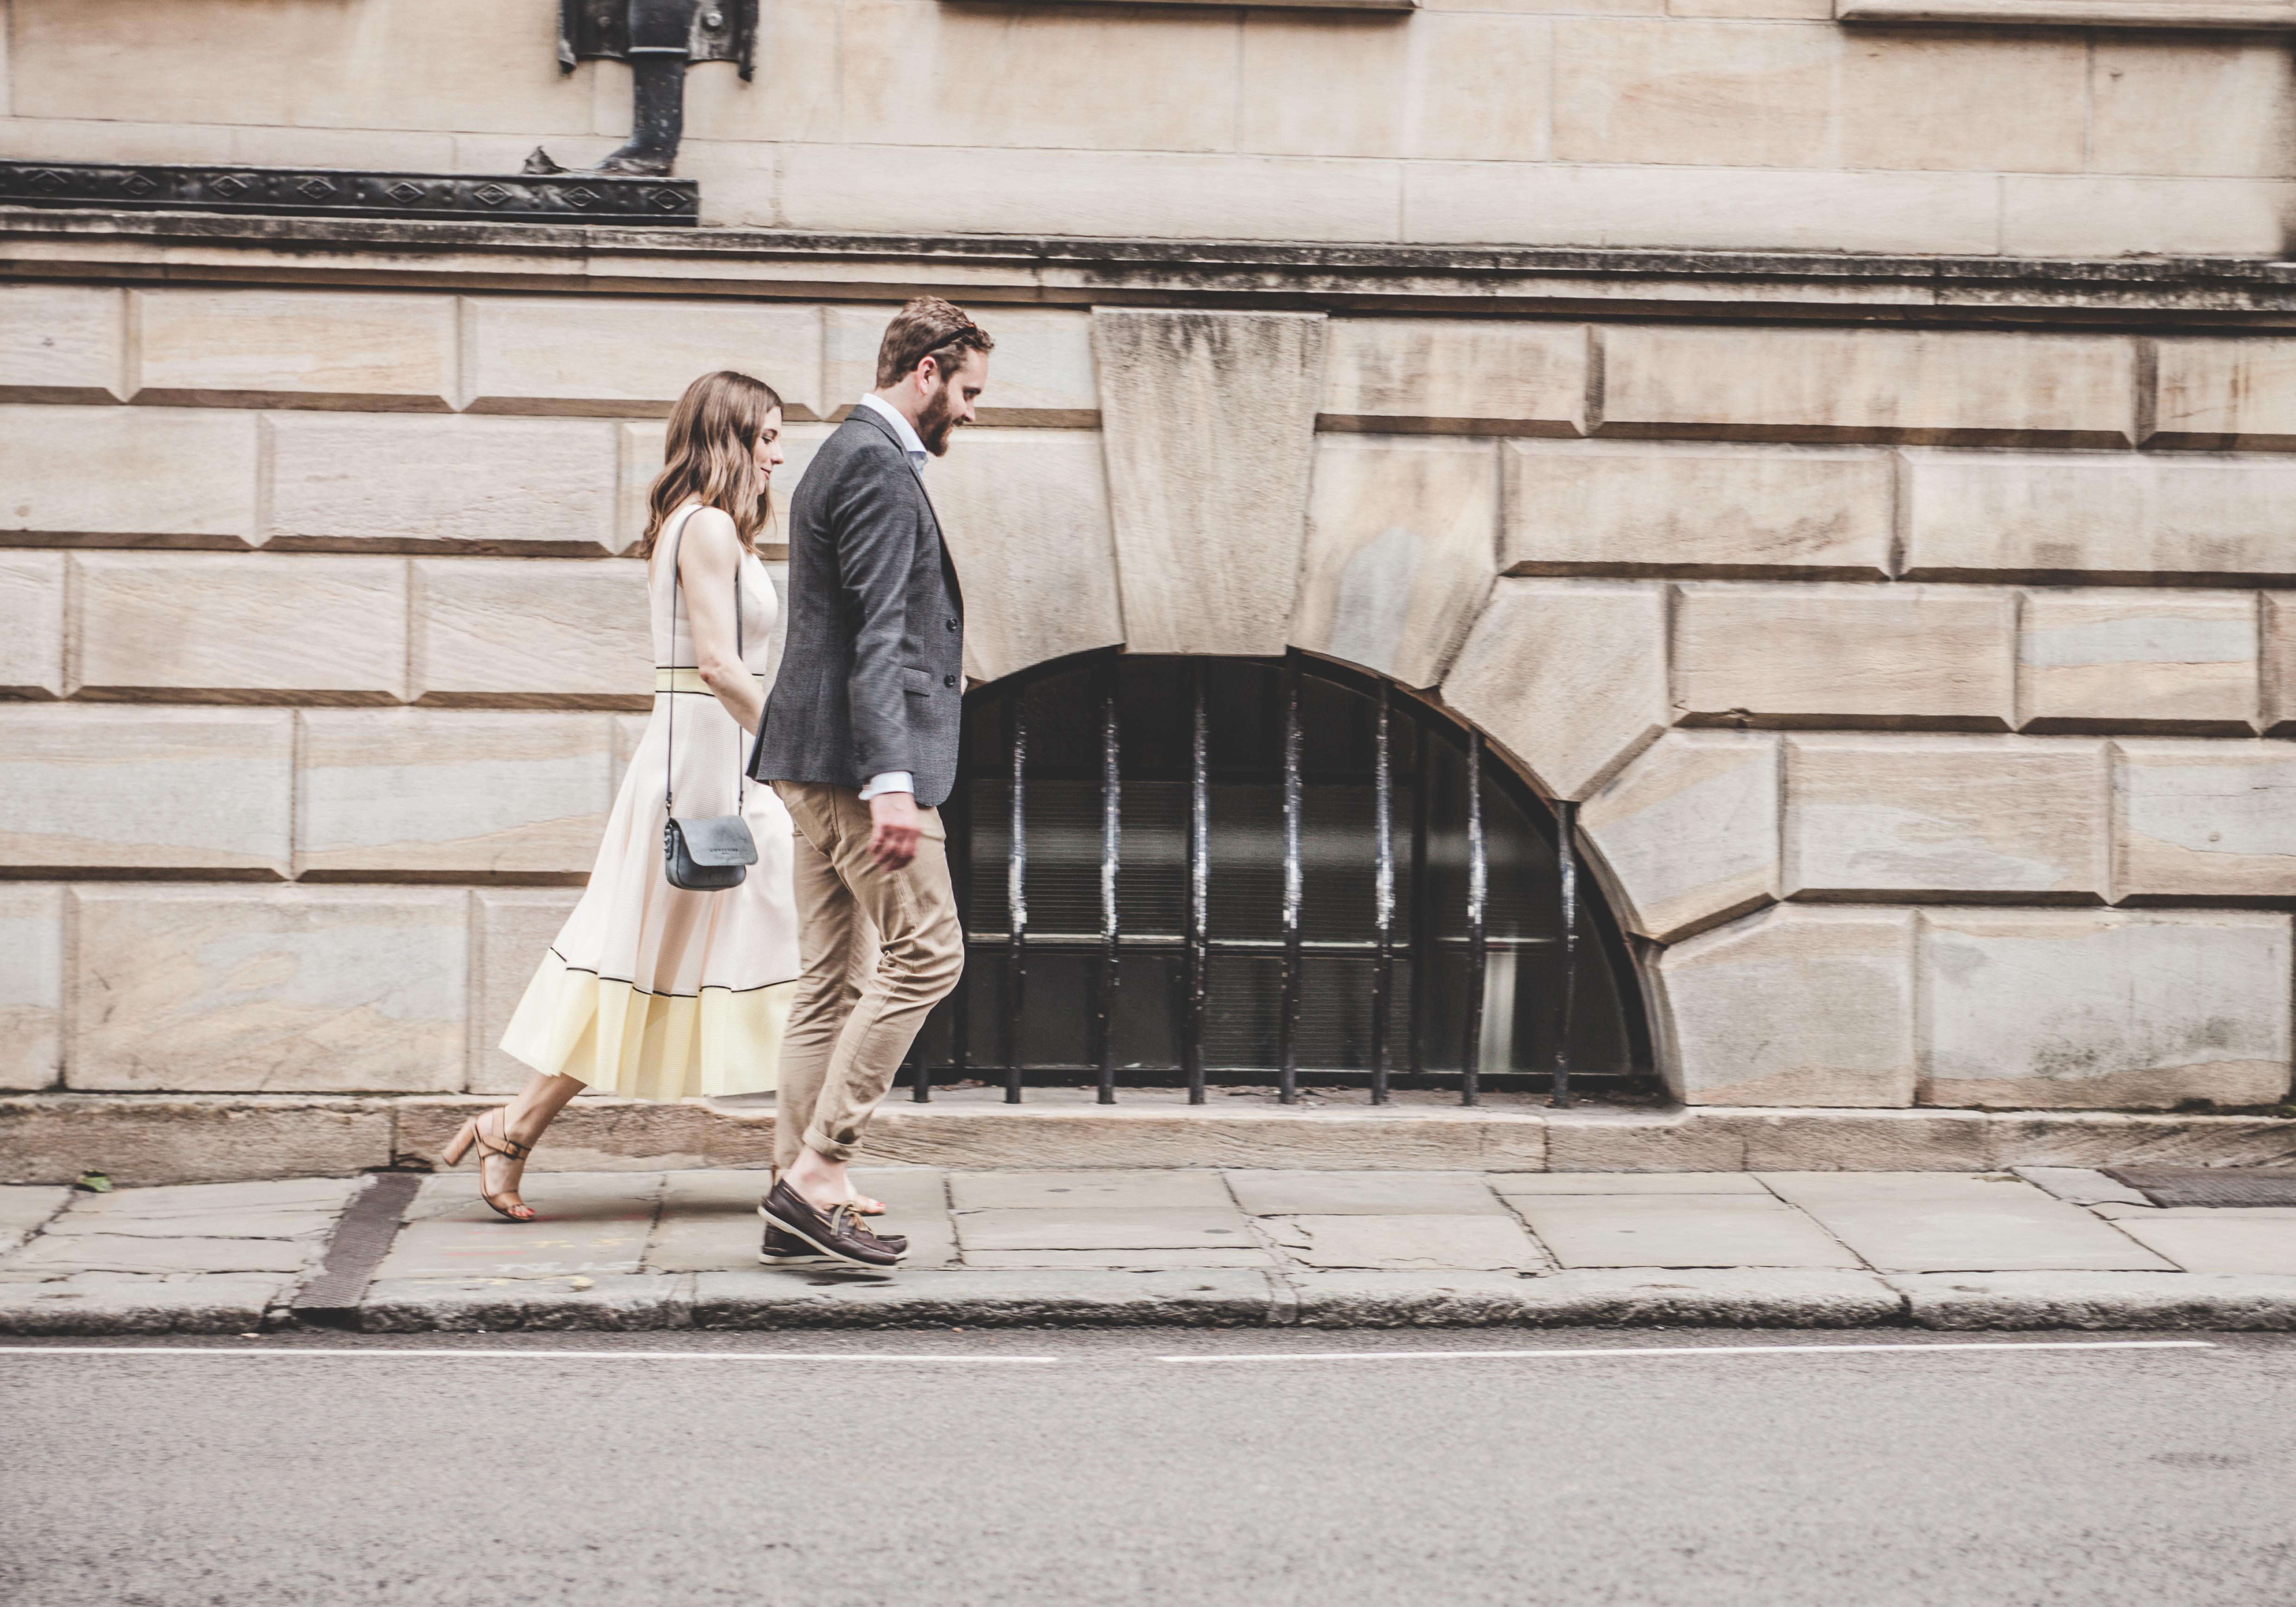 カップルが歩いている画像